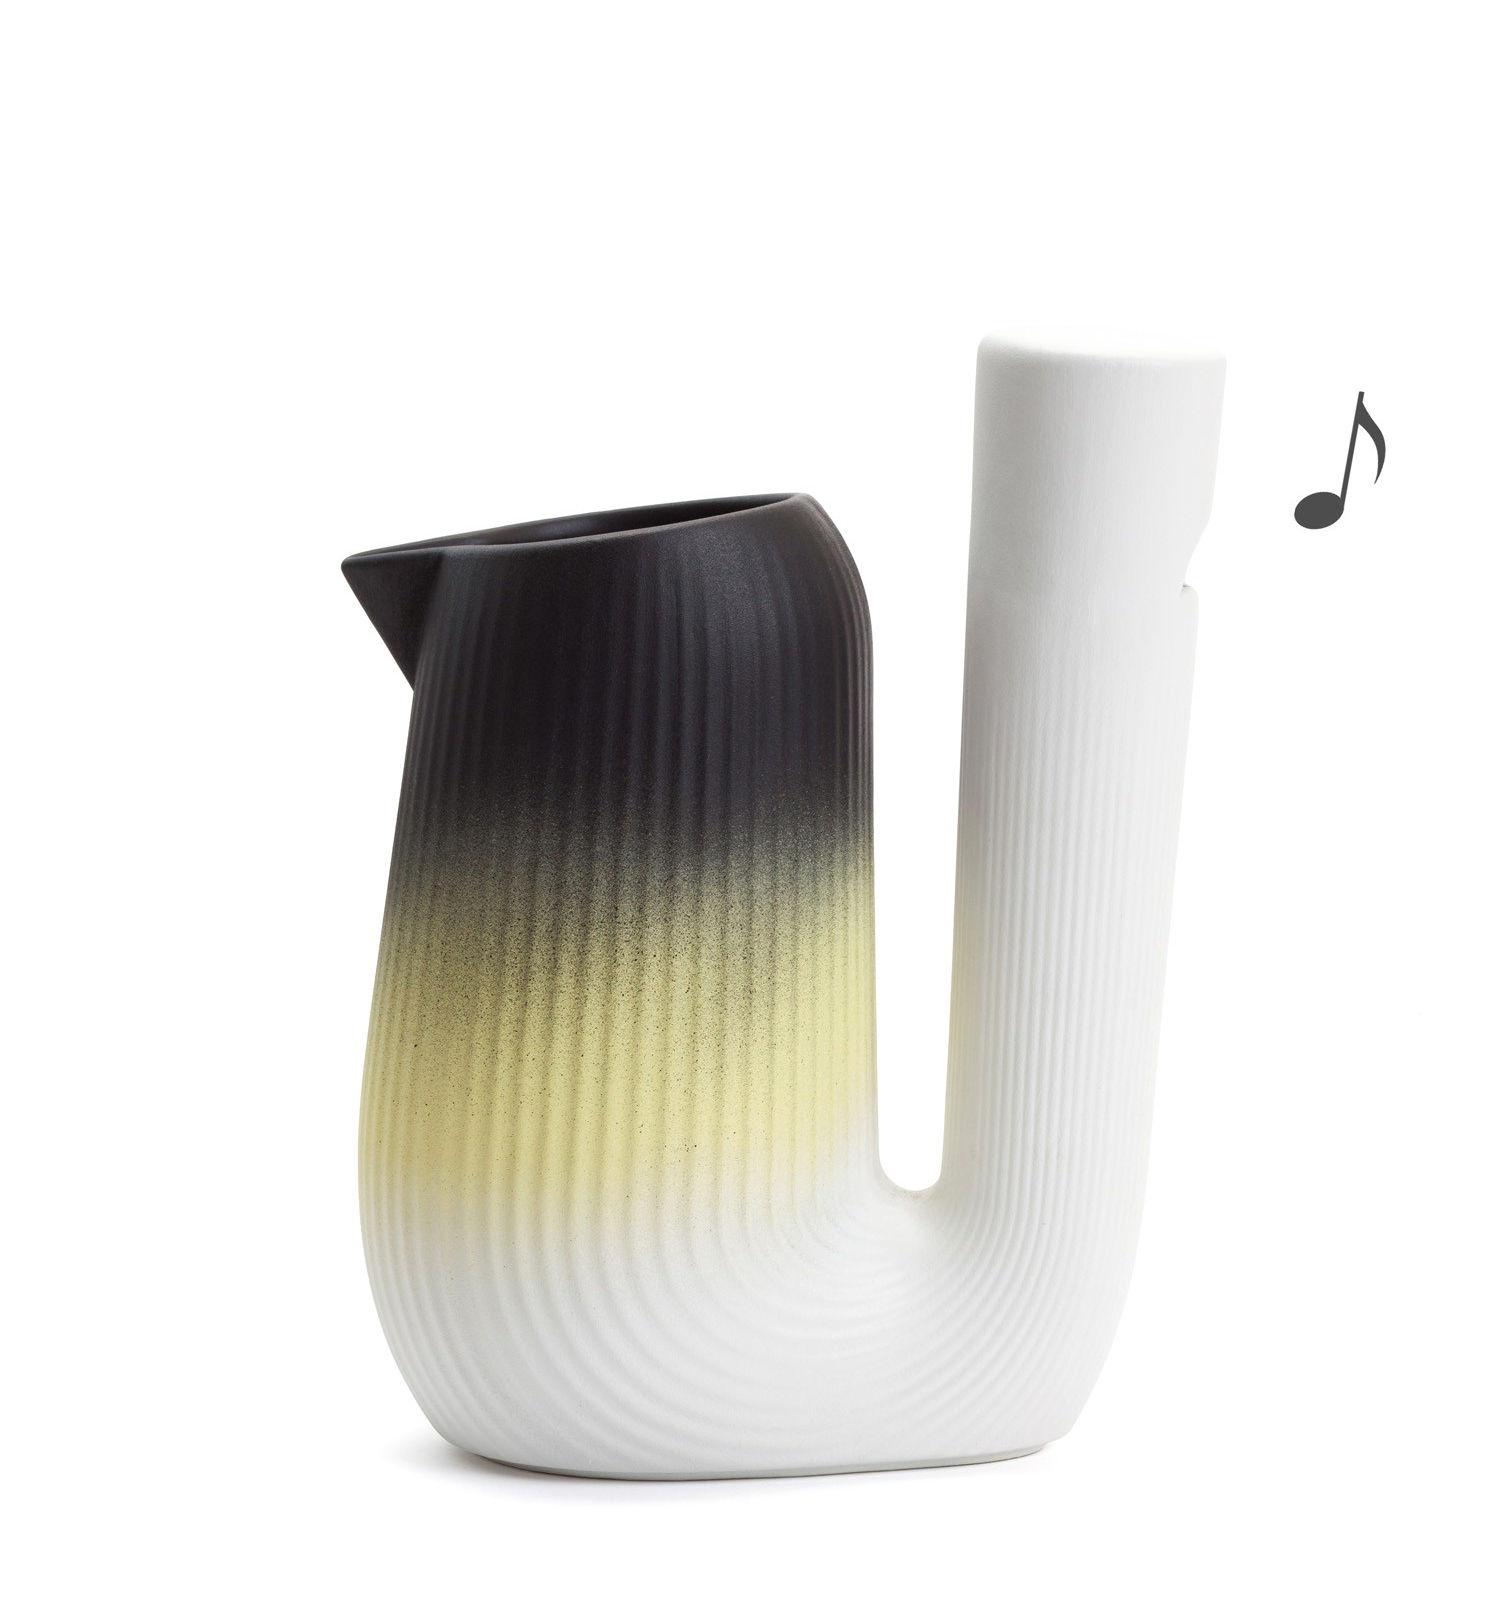 Arts de la table - Carafes et décanteurs - Carafe Pan / Sifflante - 1L - Moustache - Jaune & noir - Céramique émaillée